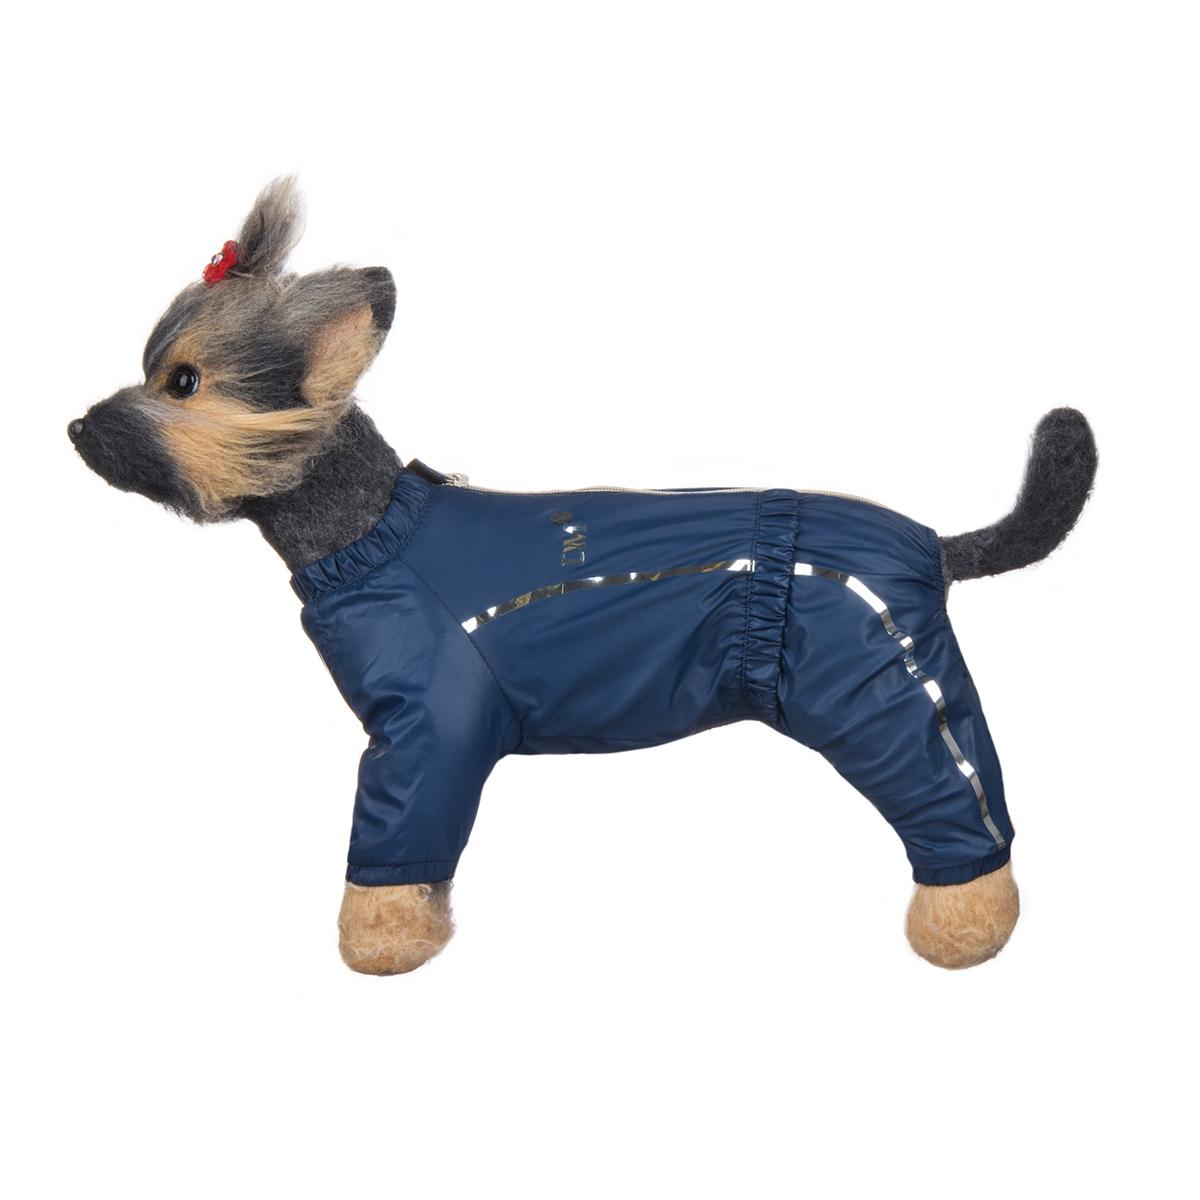 Комбинезон для собак Dogmoda Альпы, для мальчика, цвет: синий. Размер 1 (S). DM-160103DM-160103-1_синийКомбинезон для собак Dogmoda Альпы отлично подойдет для прогулок поздней осенью или ранней весной.Комбинезон изготовлен из полиэстера, защищающего от ветра и осадков, с подкладкой из вискозы и полиэстера, которая сохранит тепло и обеспечит отличный воздухообмен.Комбинезон застегивается на молнию и липучку, благодаря чему его легко надевать и снимать. Ворот, низ рукавов и брючин оснащены внутренними резинками, которые мягко обхватывают шею и лапки, не позволяя просачиваться холодному воздуху. На пояснице имеется внутренняя резинка. Изделие декорировано золотистыми полосками и надписью DM.Благодаря такому комбинезону простуда не грозит вашему питомцу и он не даст любимцу продрогнуть на прогулке.Длина по спинке: 20 см.Объем груди: 33 см.Обхват шеи: 21 см.